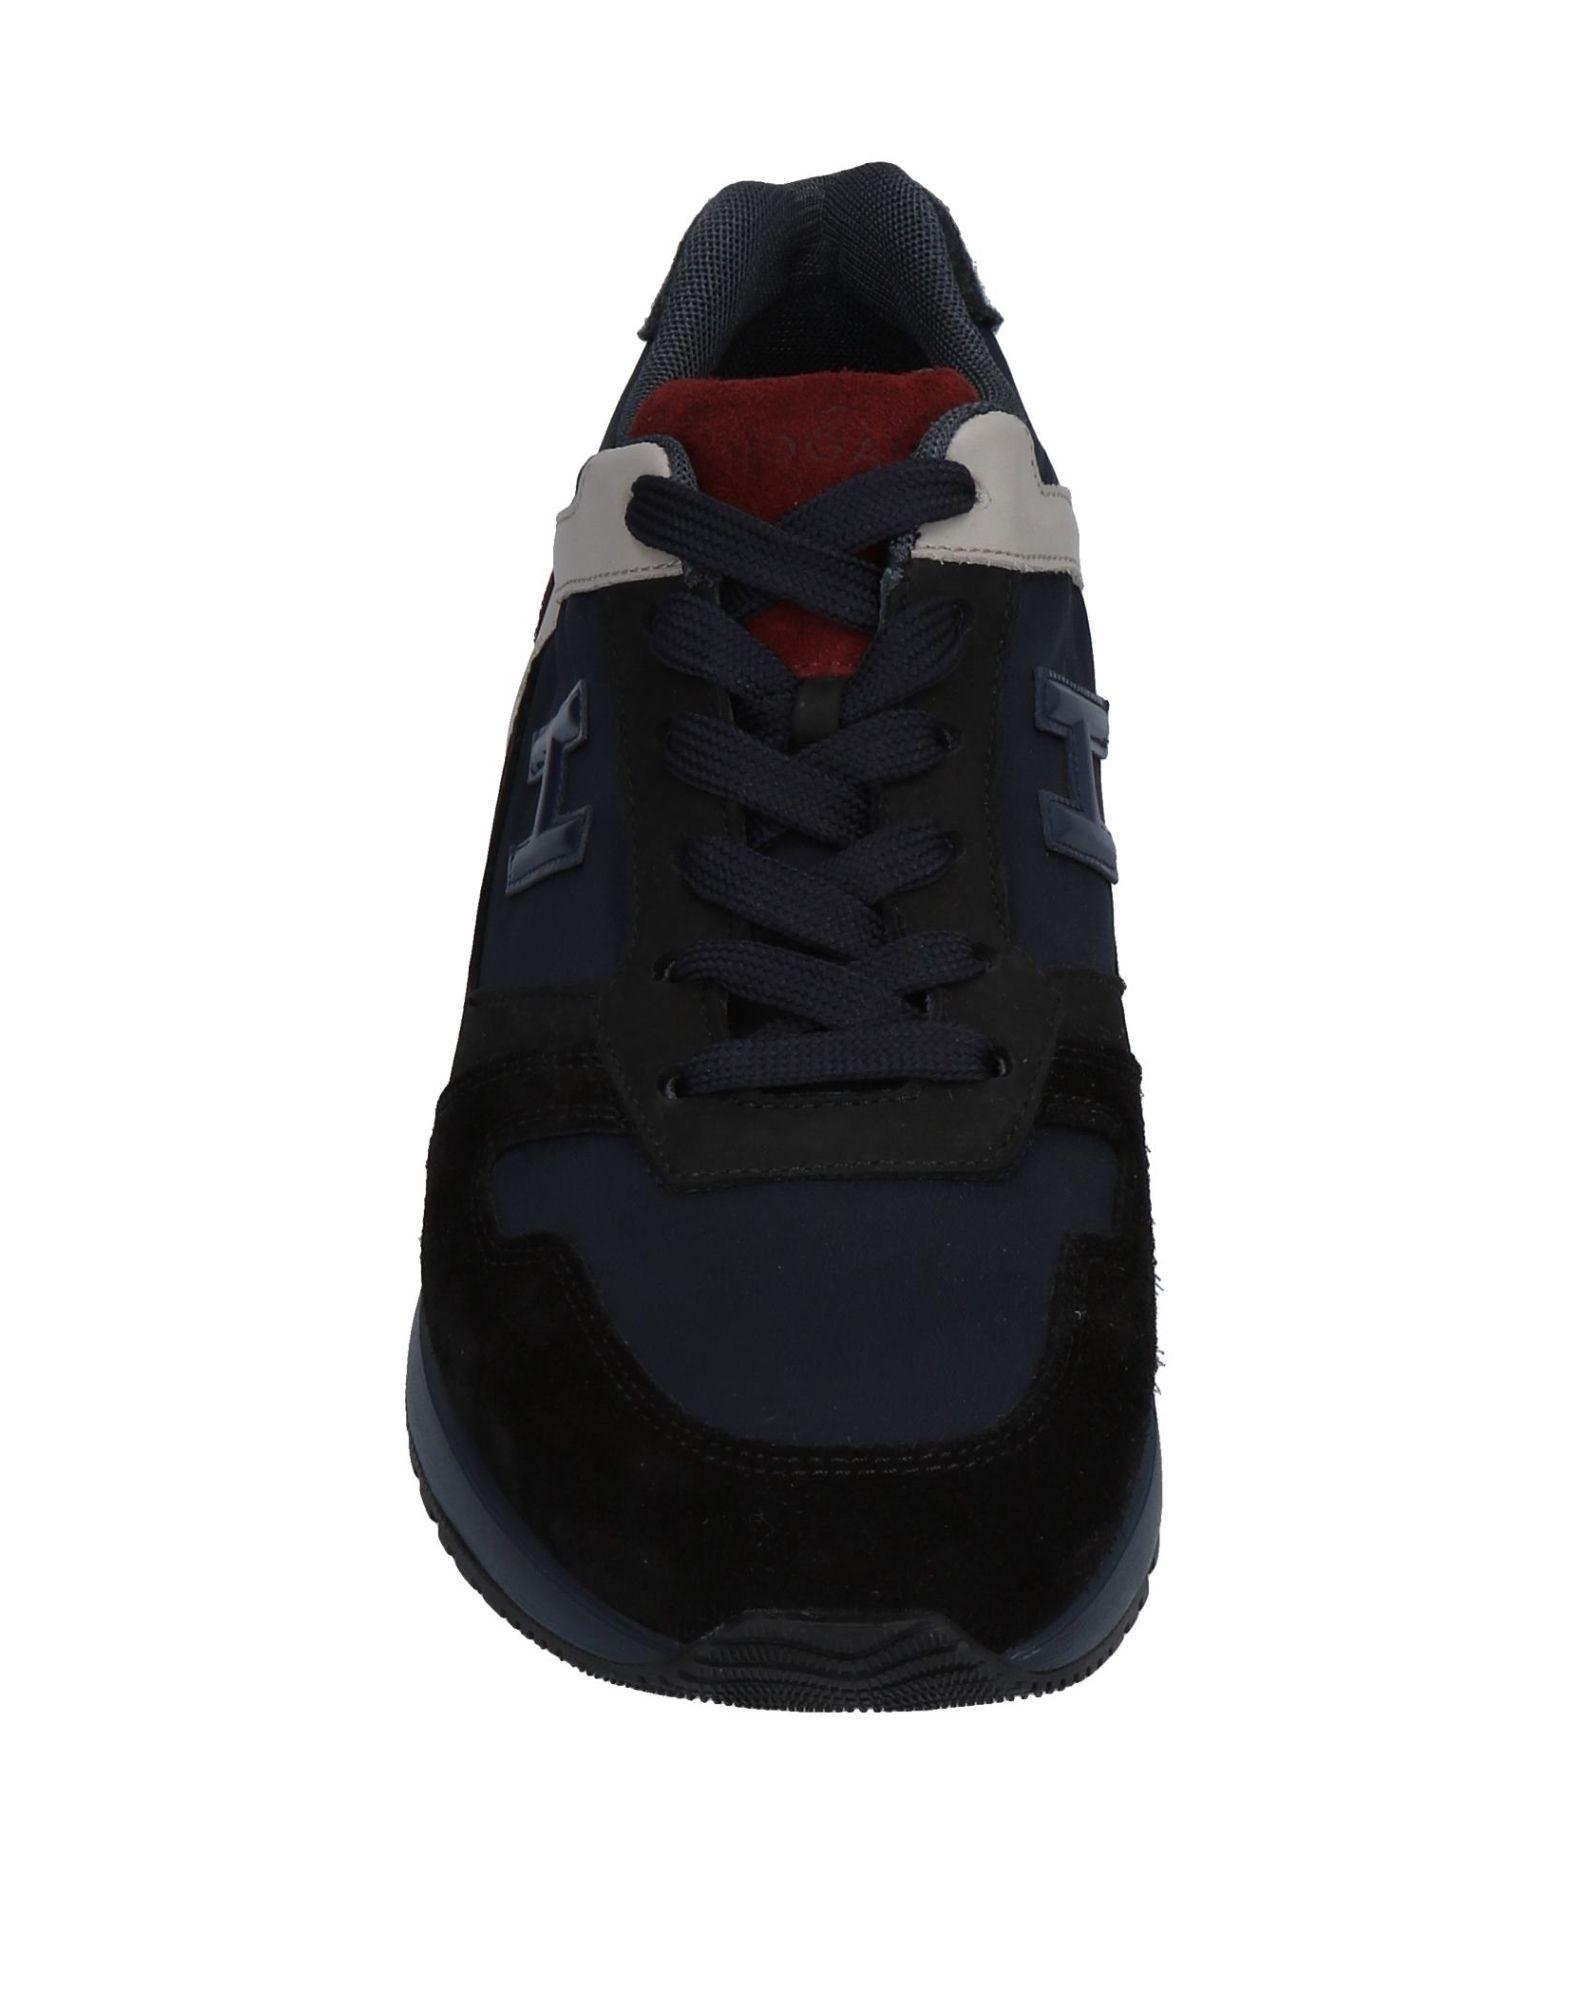 Hogan Gute Sneakers Herren  11486075UF Gute Hogan Qualität beliebte Schuhe 8e006e